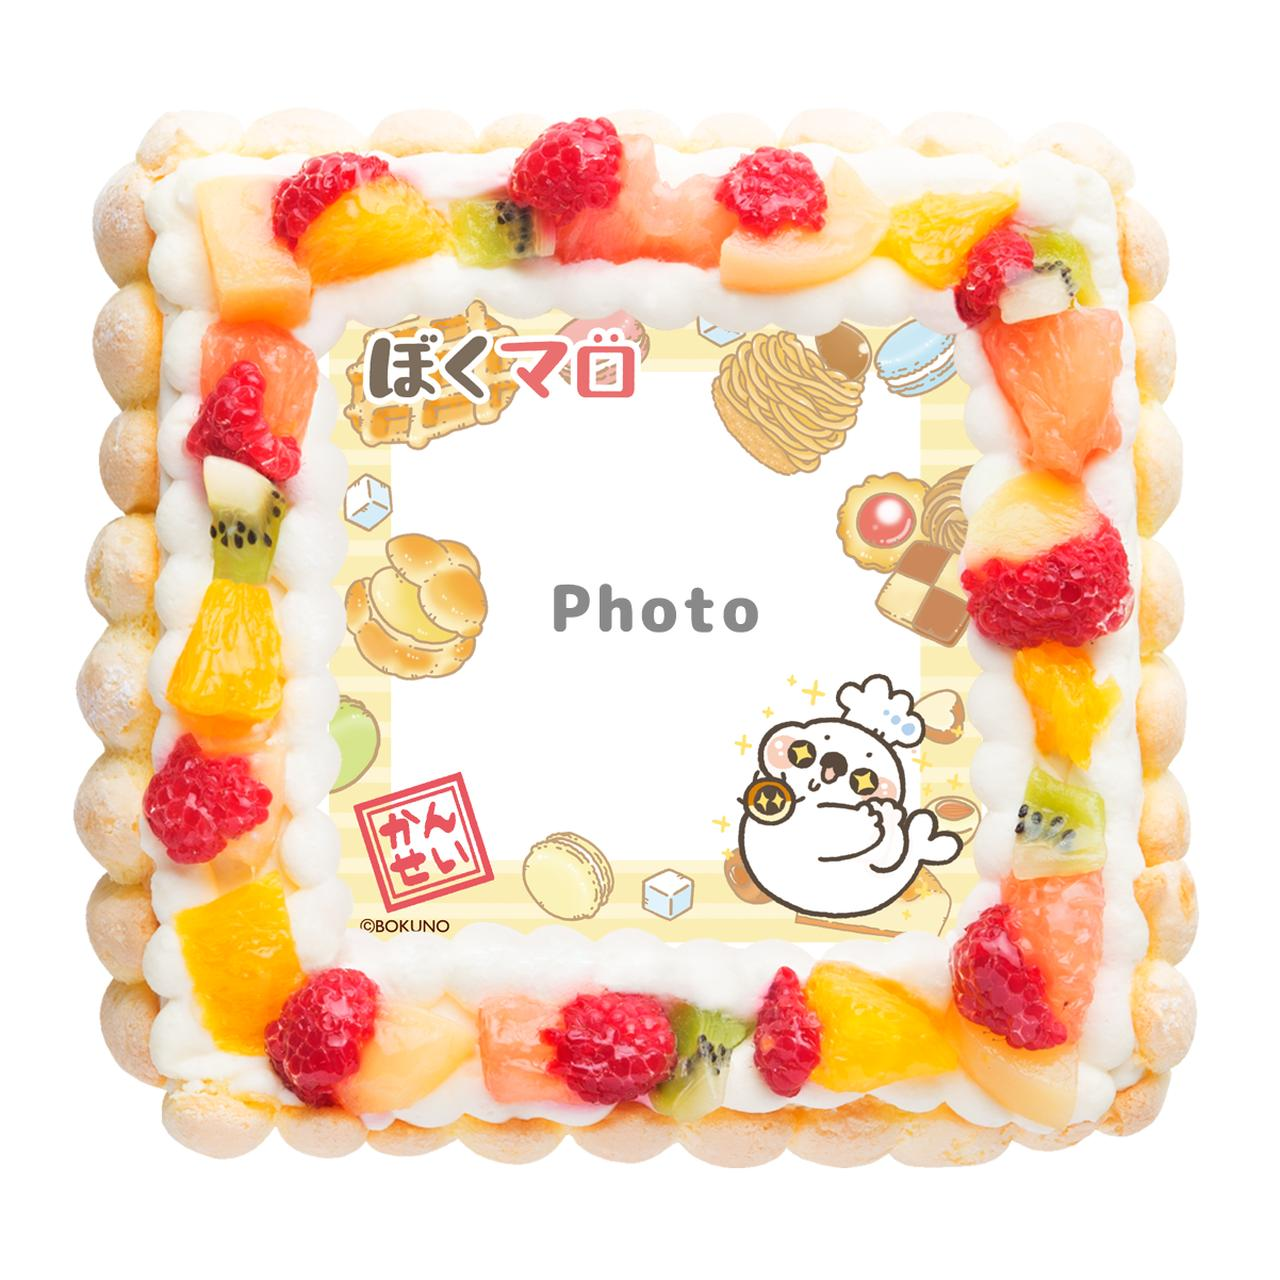 画像4: マシュマロアザラシ「マロくん」がケーキに!